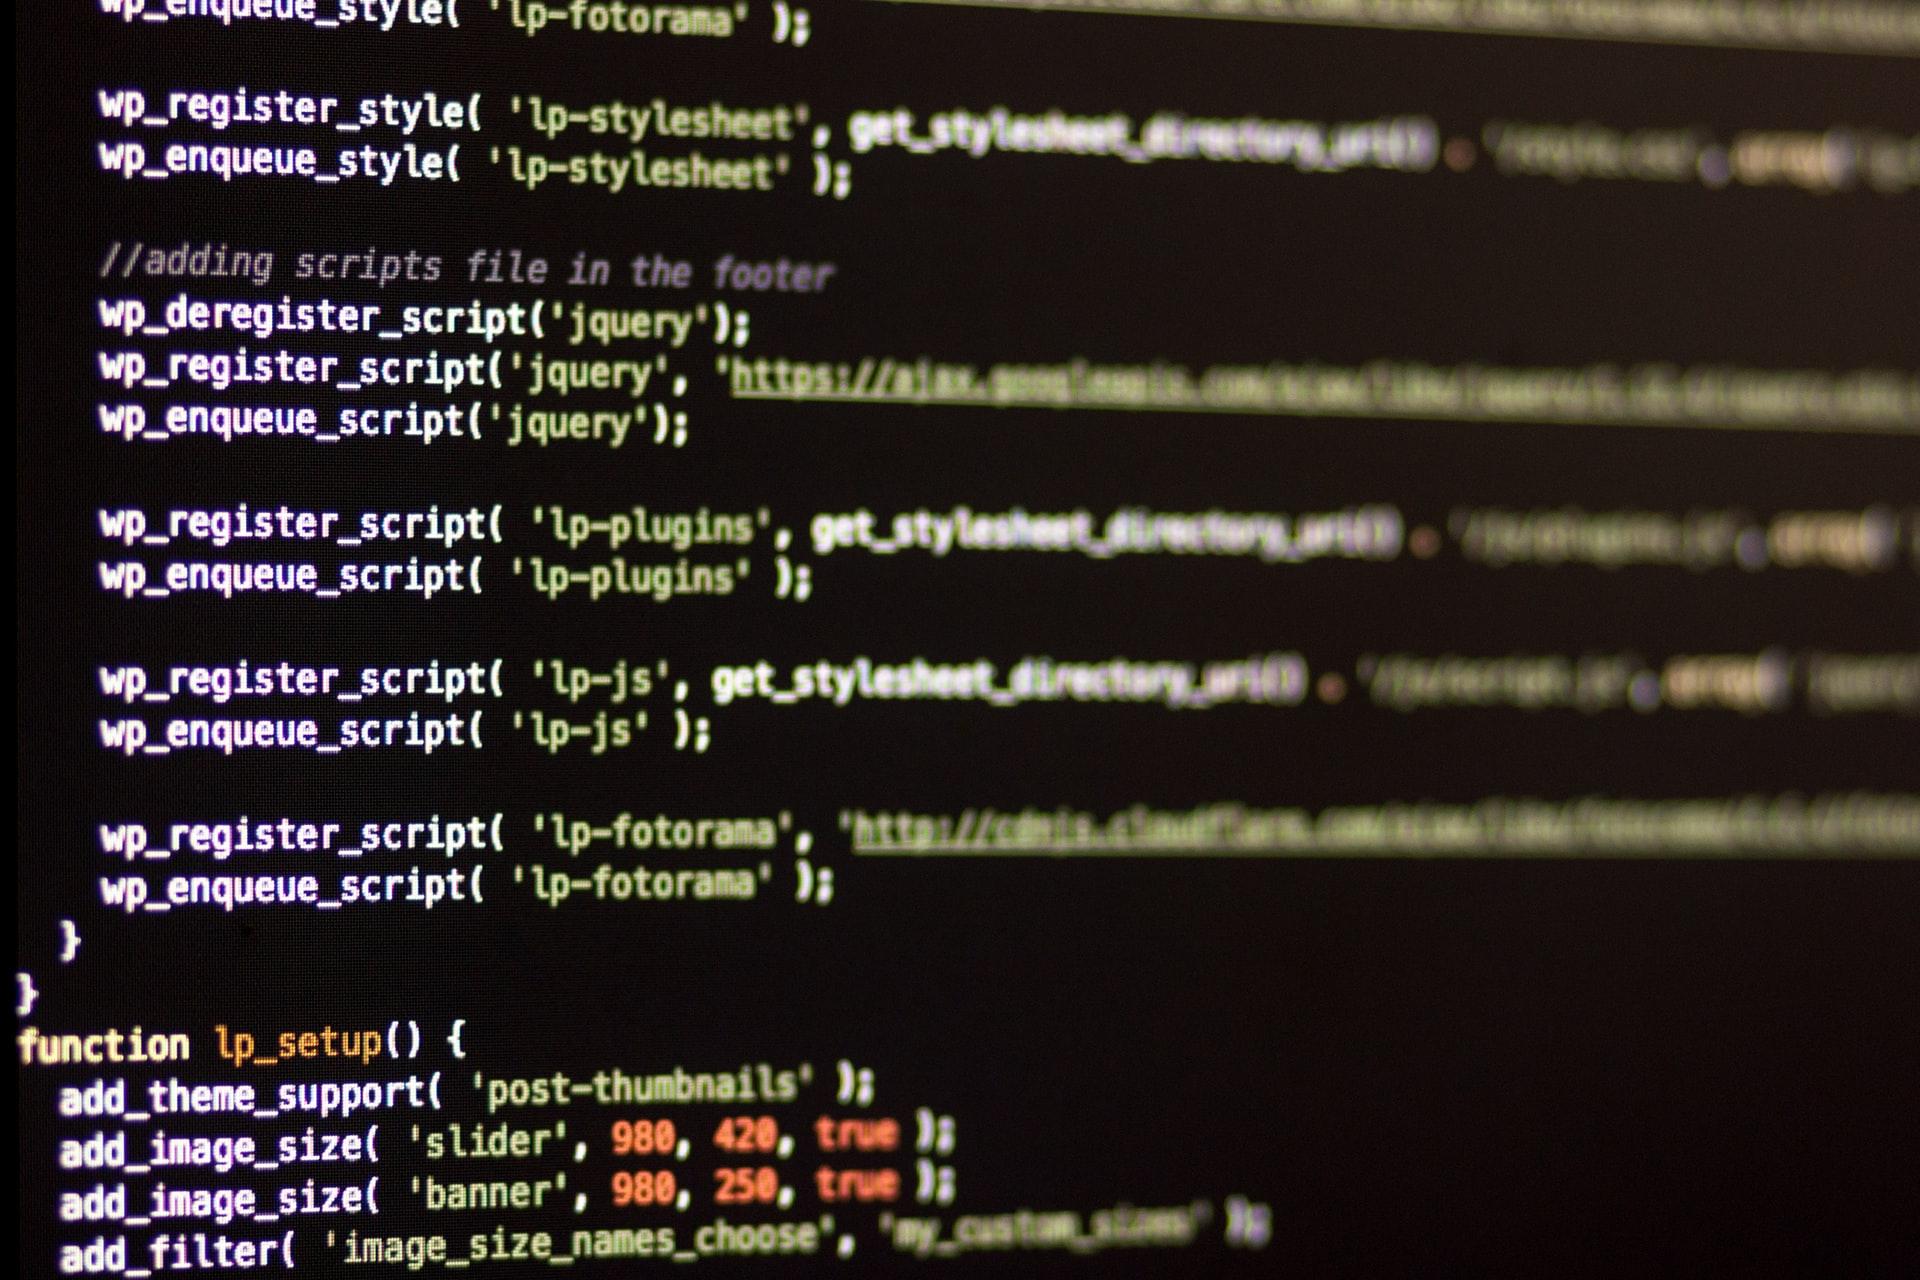 WordPressで読み込んでいるCSSのバージョン番号としてテーマのバージョンを付与する方法